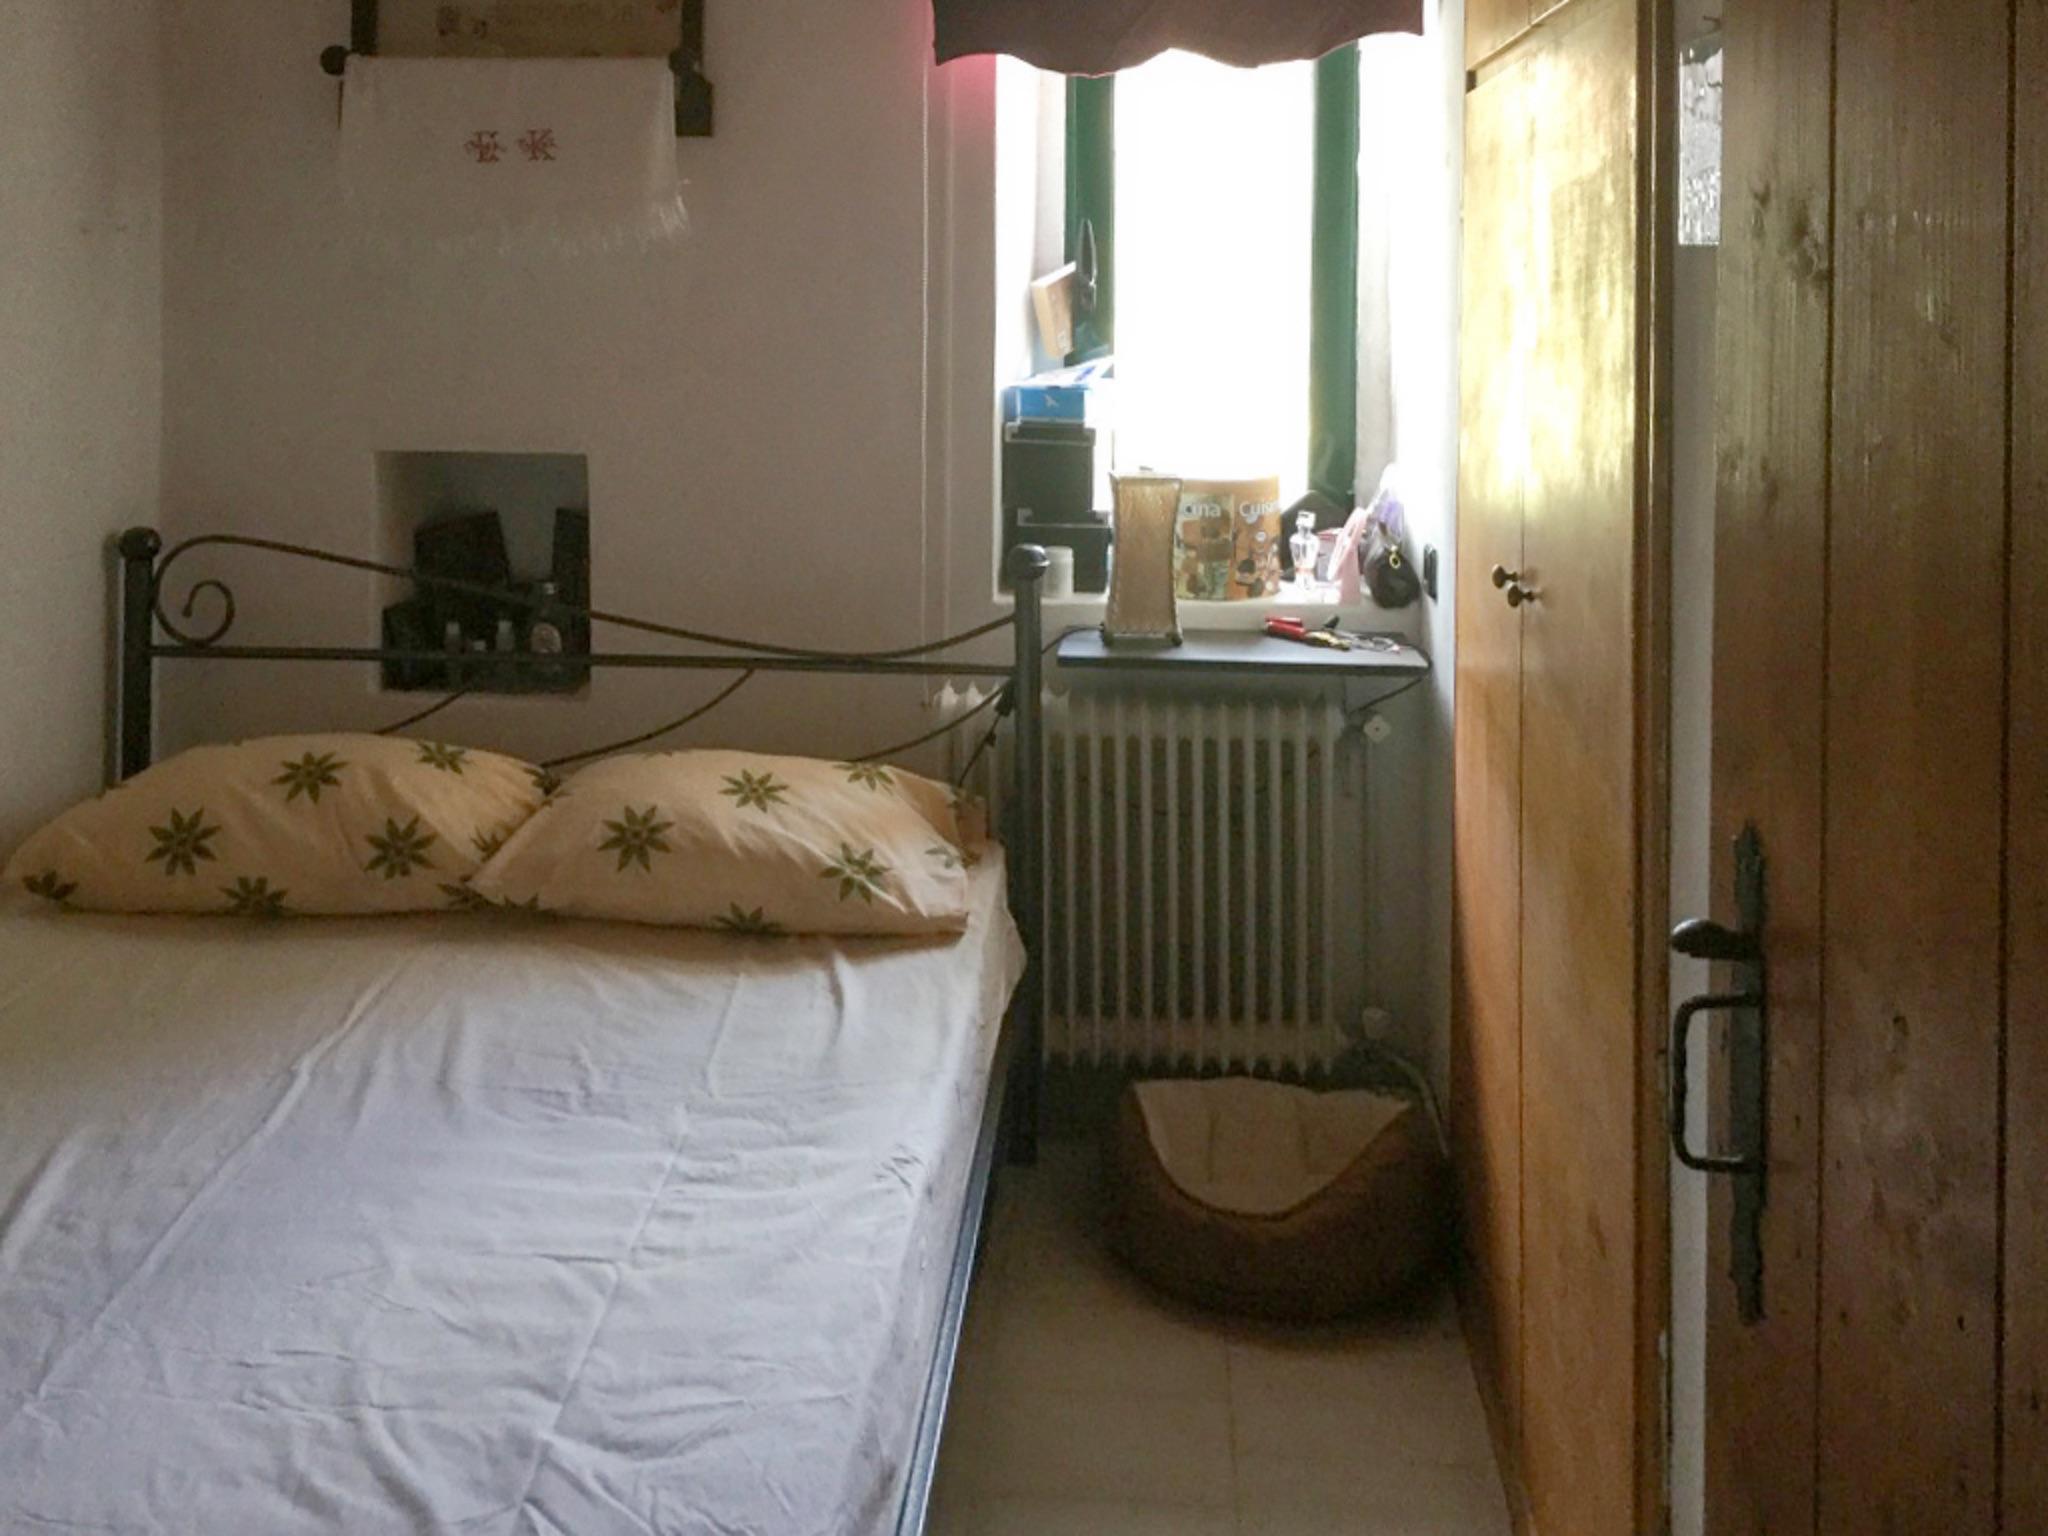 Ferienhaus Großes Haus in Ypsila mit vier Schlafzimmern und möblierter Terrasse - 4,5 km vom Meer ent (2201790), Andros, Andros, Kykladen, Griechenland, Bild 7